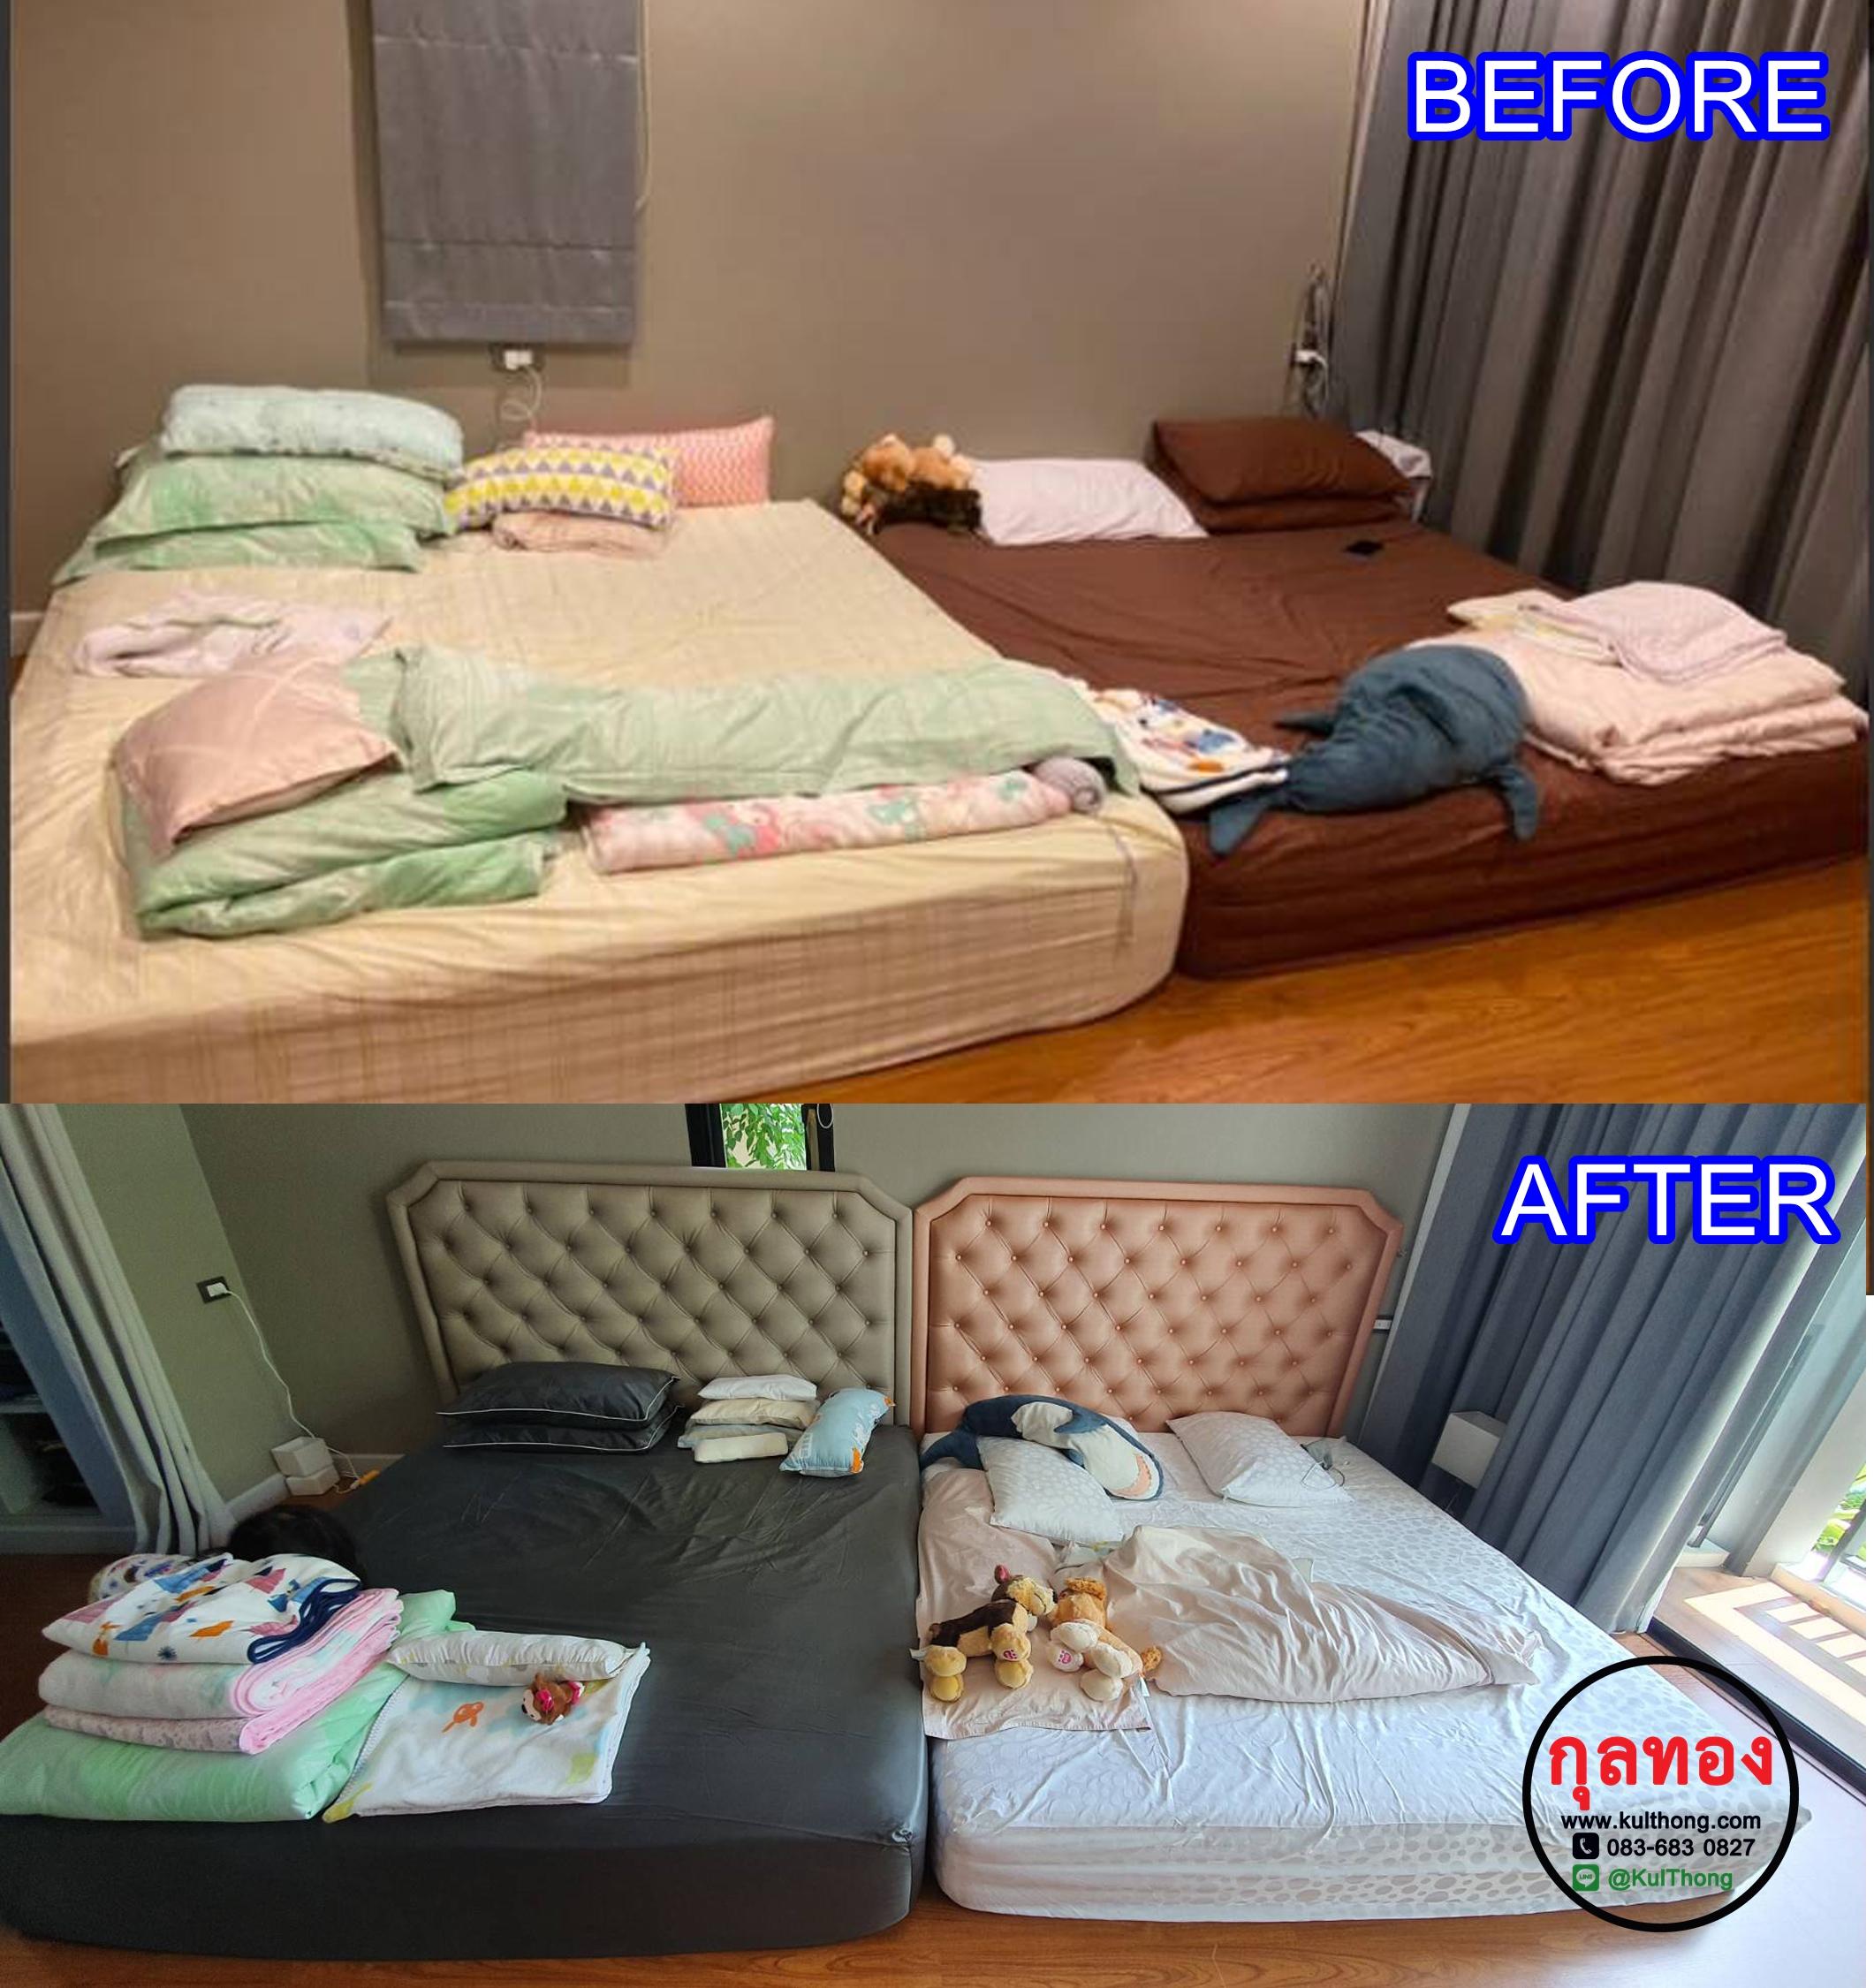 หัวเตียงแขวนผนัง หัวเตียงดึงกระดุม หัวเตียงสำเร็จ หัวเตียงหุ้มหนัง